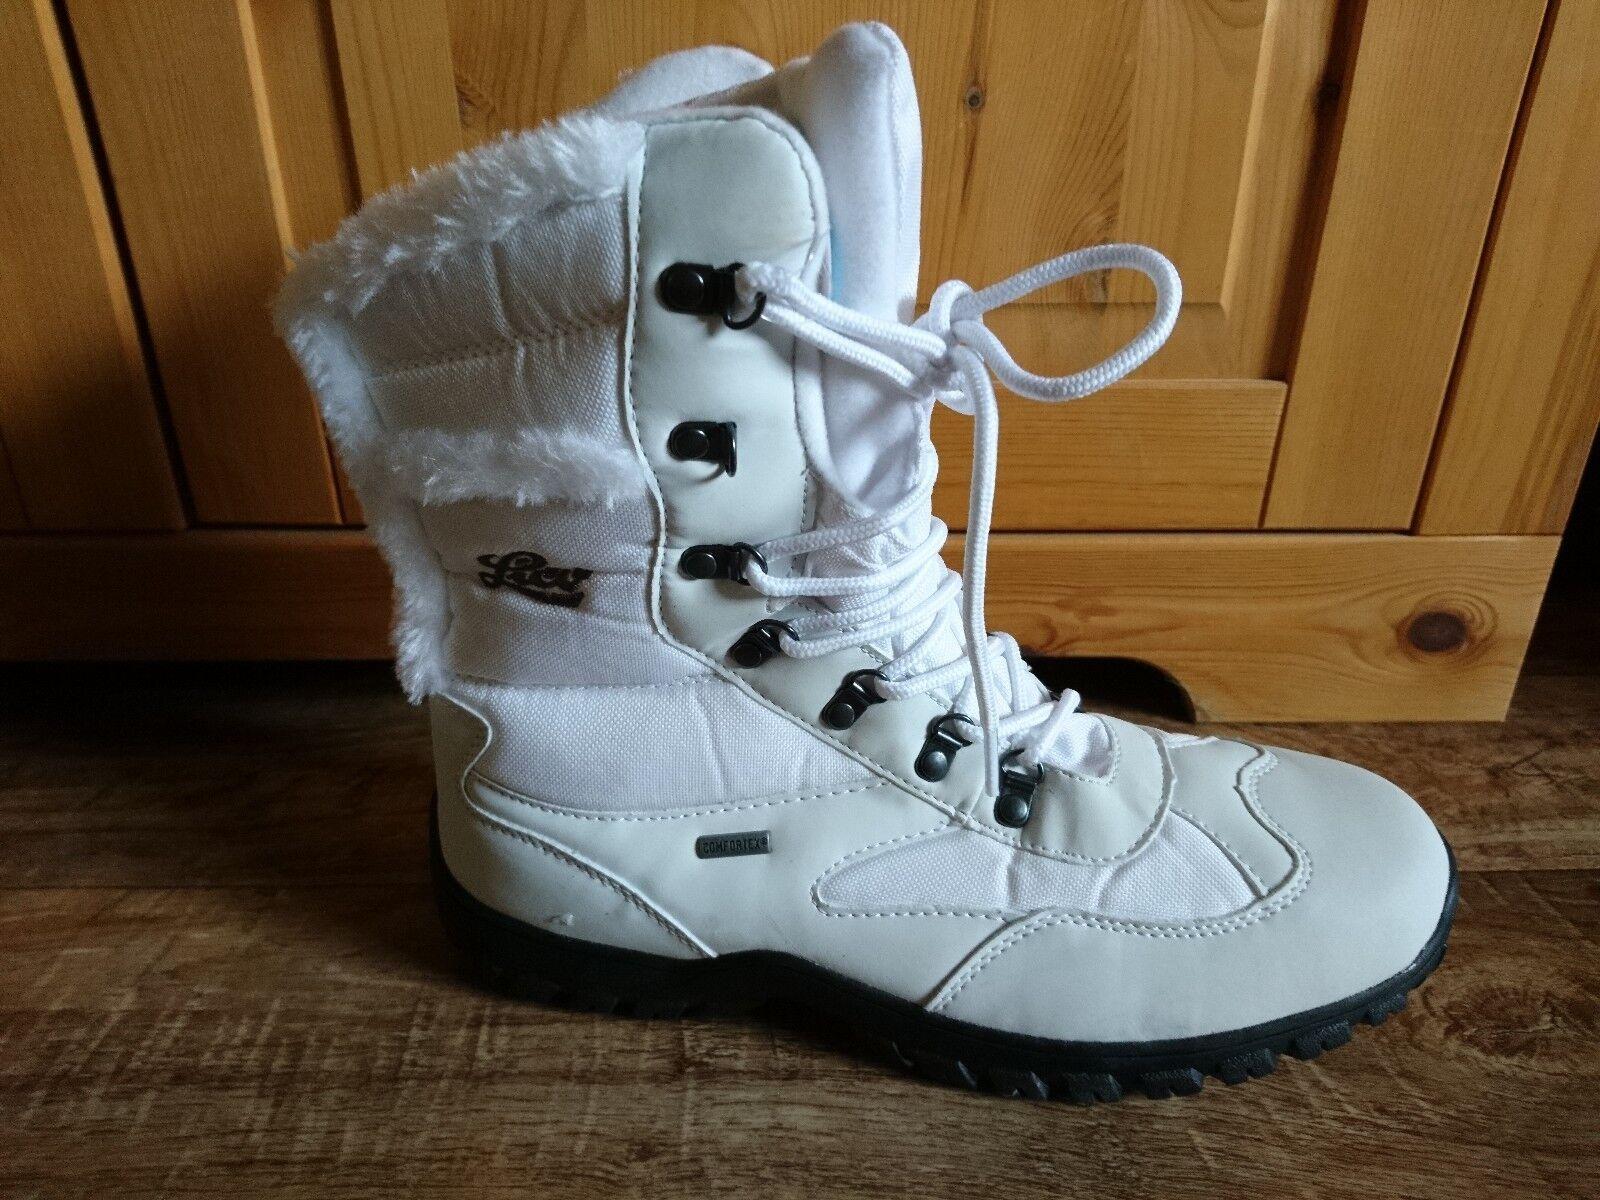 LICO Saskia Femmes Bottes D'Hiver Boots Bottes Neige Nouveau Bottes Blanc Nouveau Neige 781187